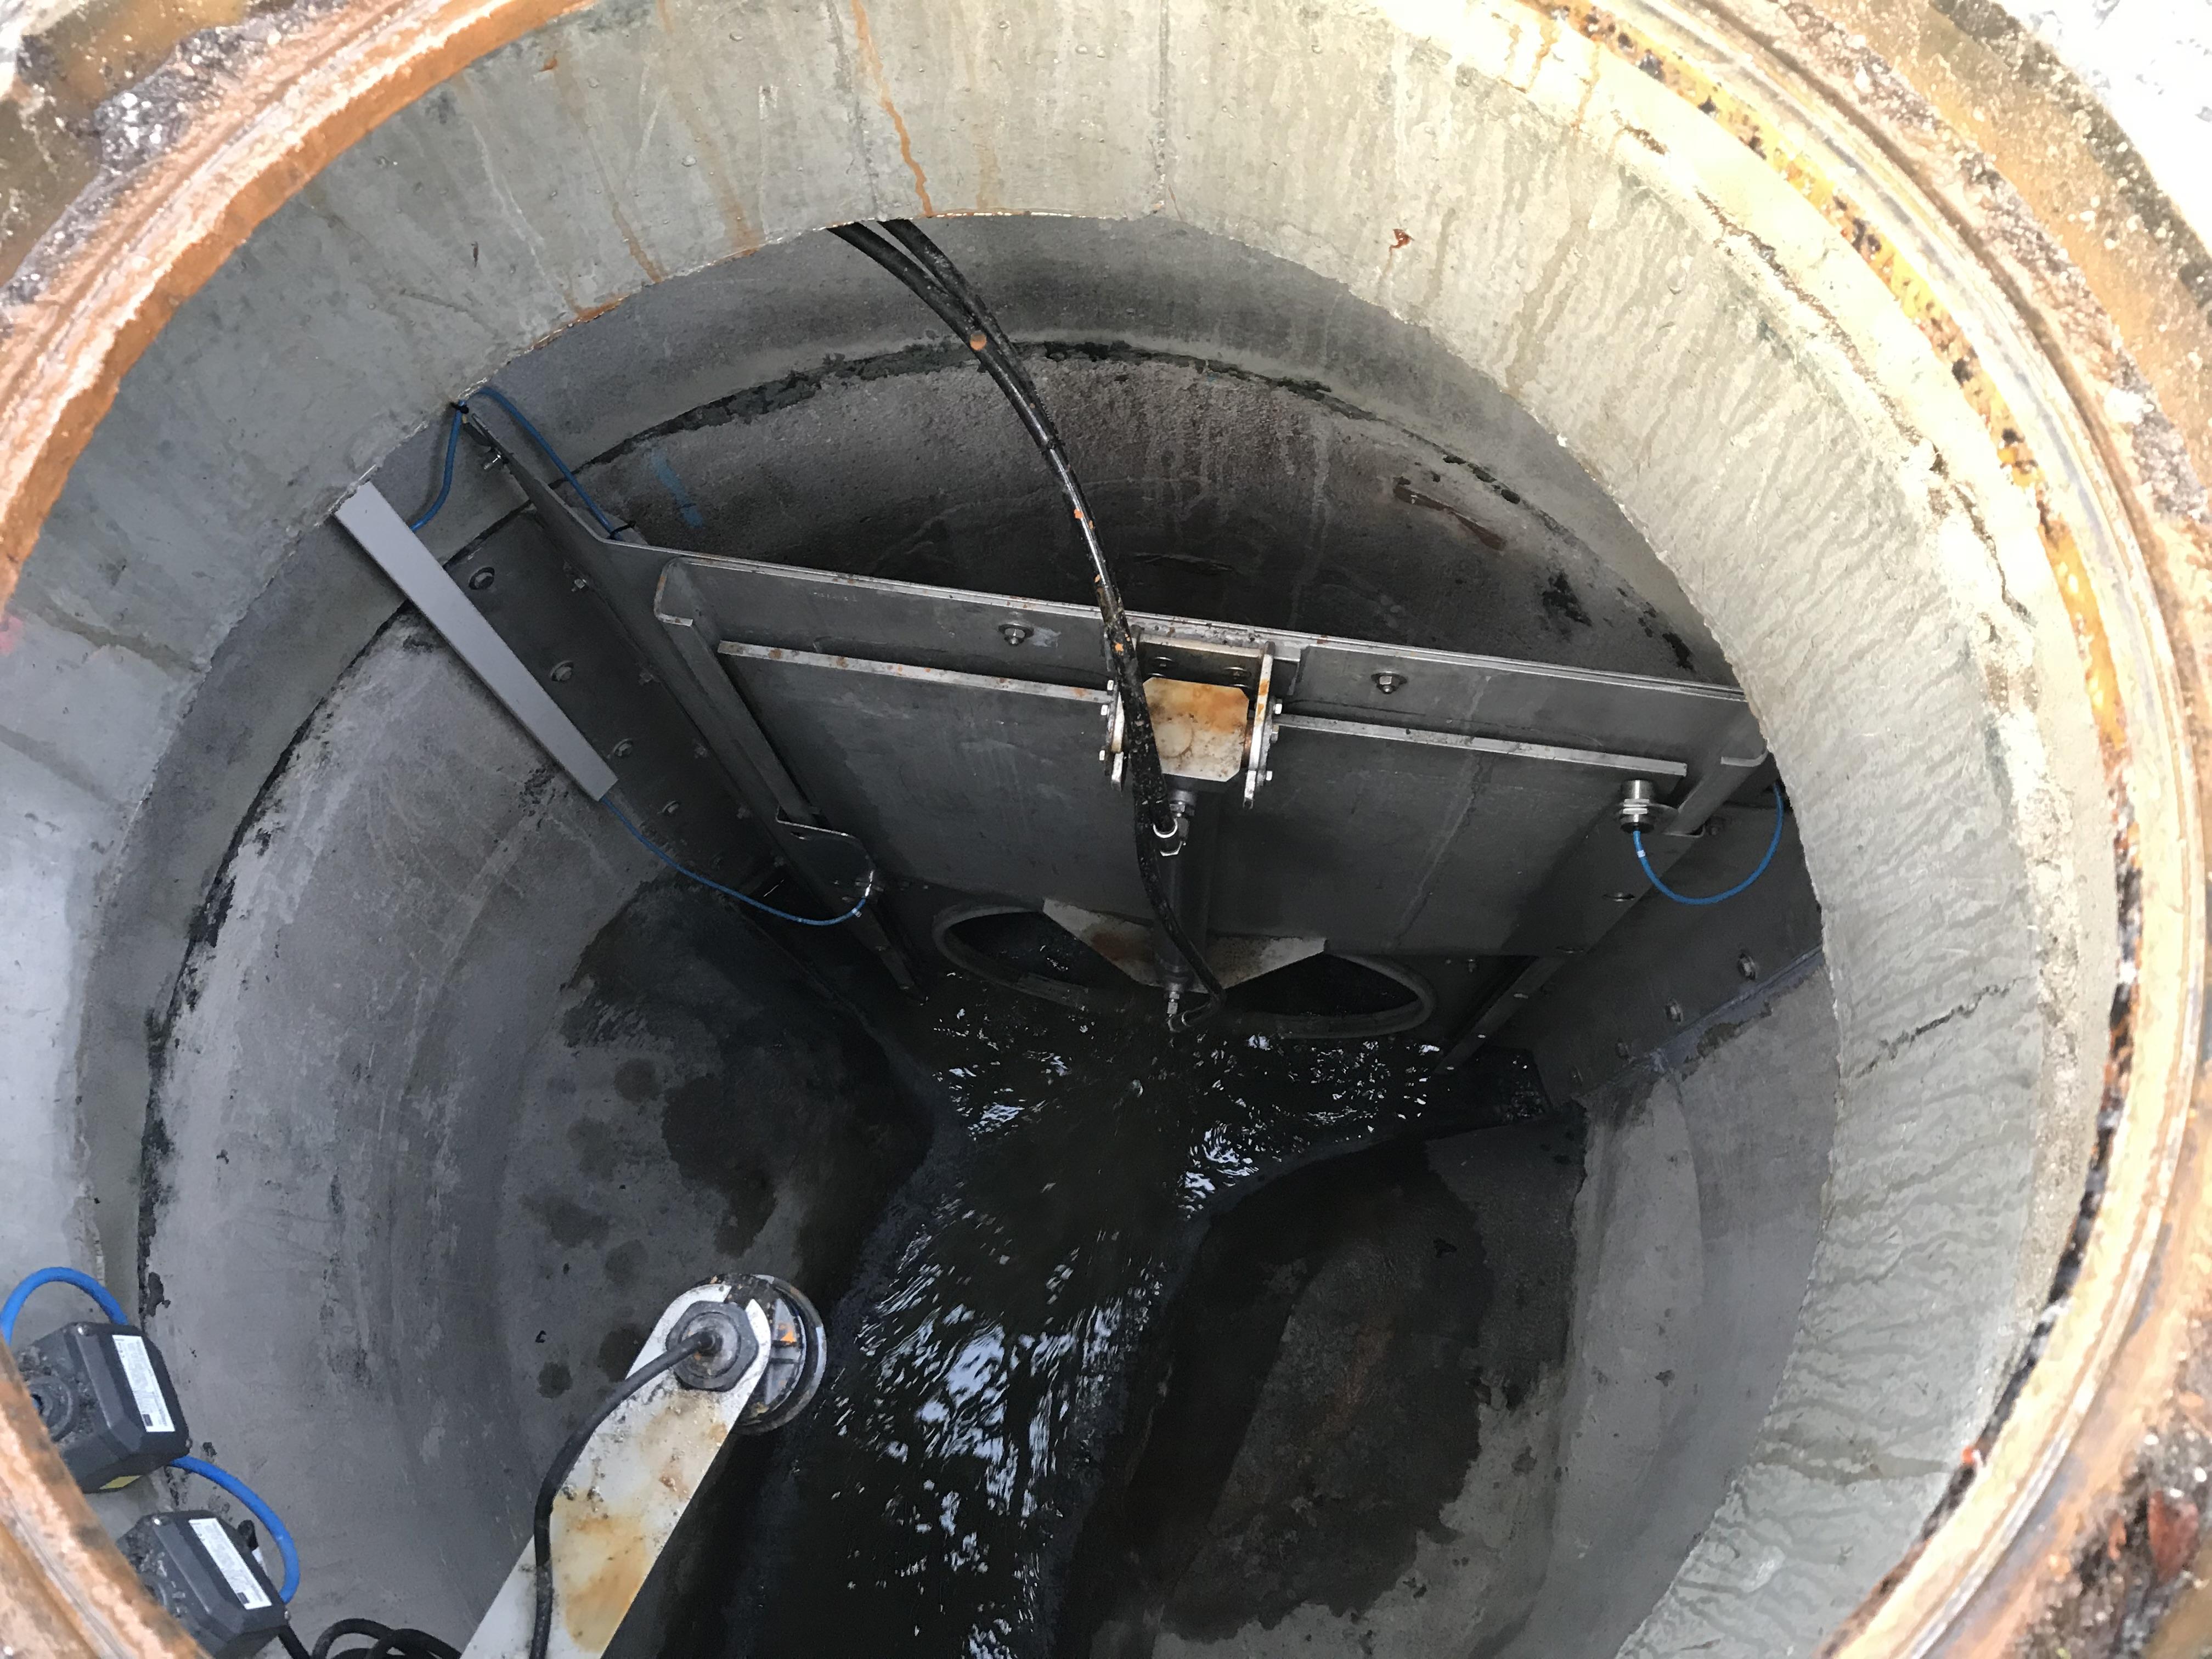 Blick in den Kanal: Die Klappe wird hydraulisch gehoben und gesenkt, das Wasser staut sich und fließt danach kraftvoll los.